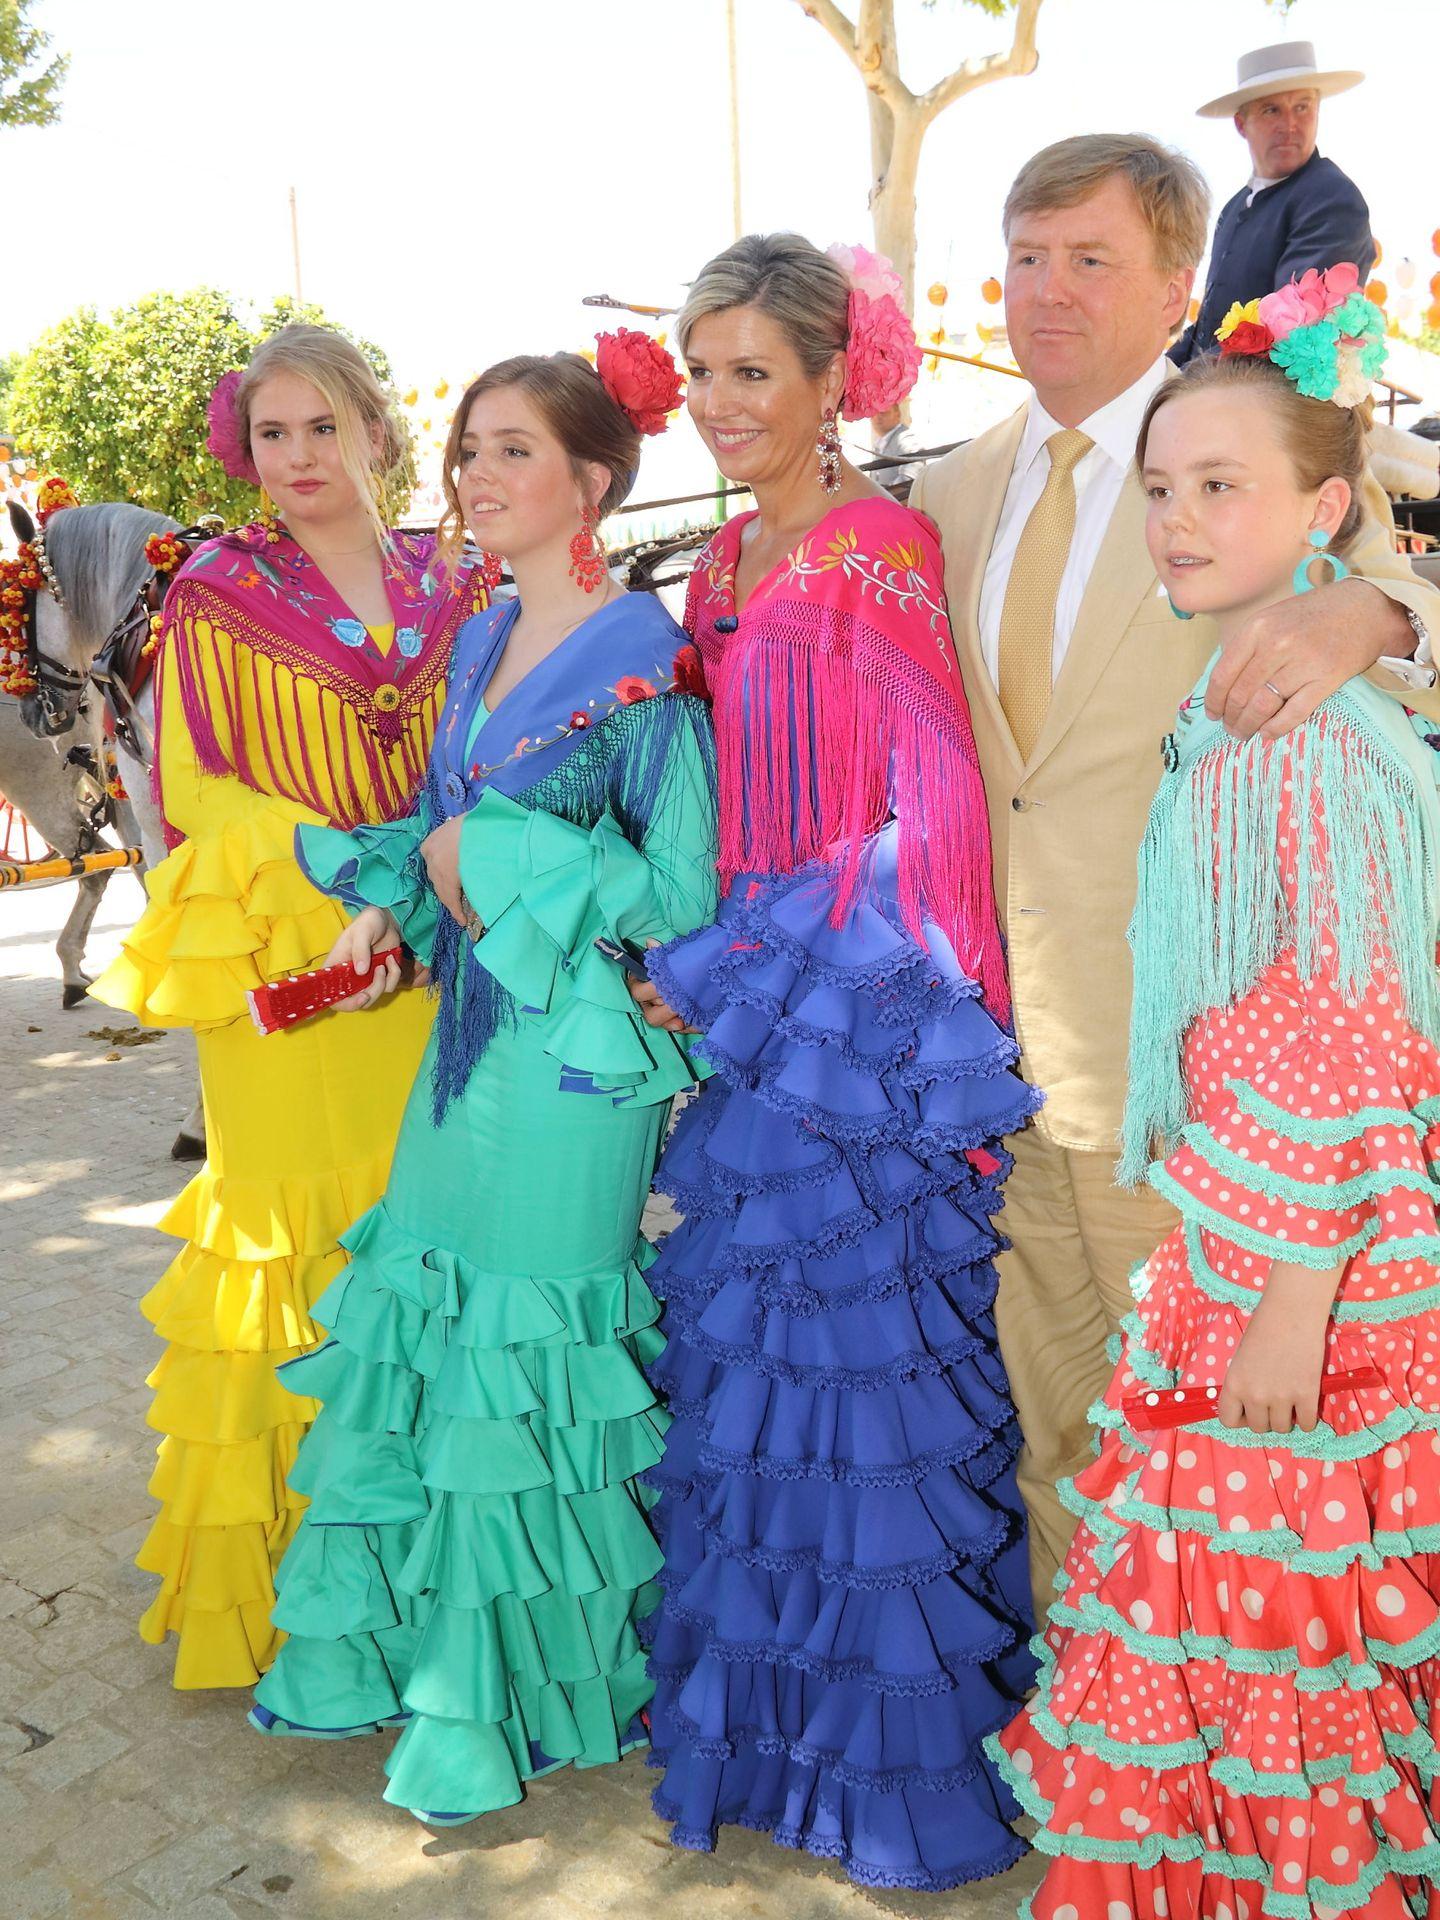 Los cuatro vestidos, perfectamente armonizados. (Lagencia Grosby)